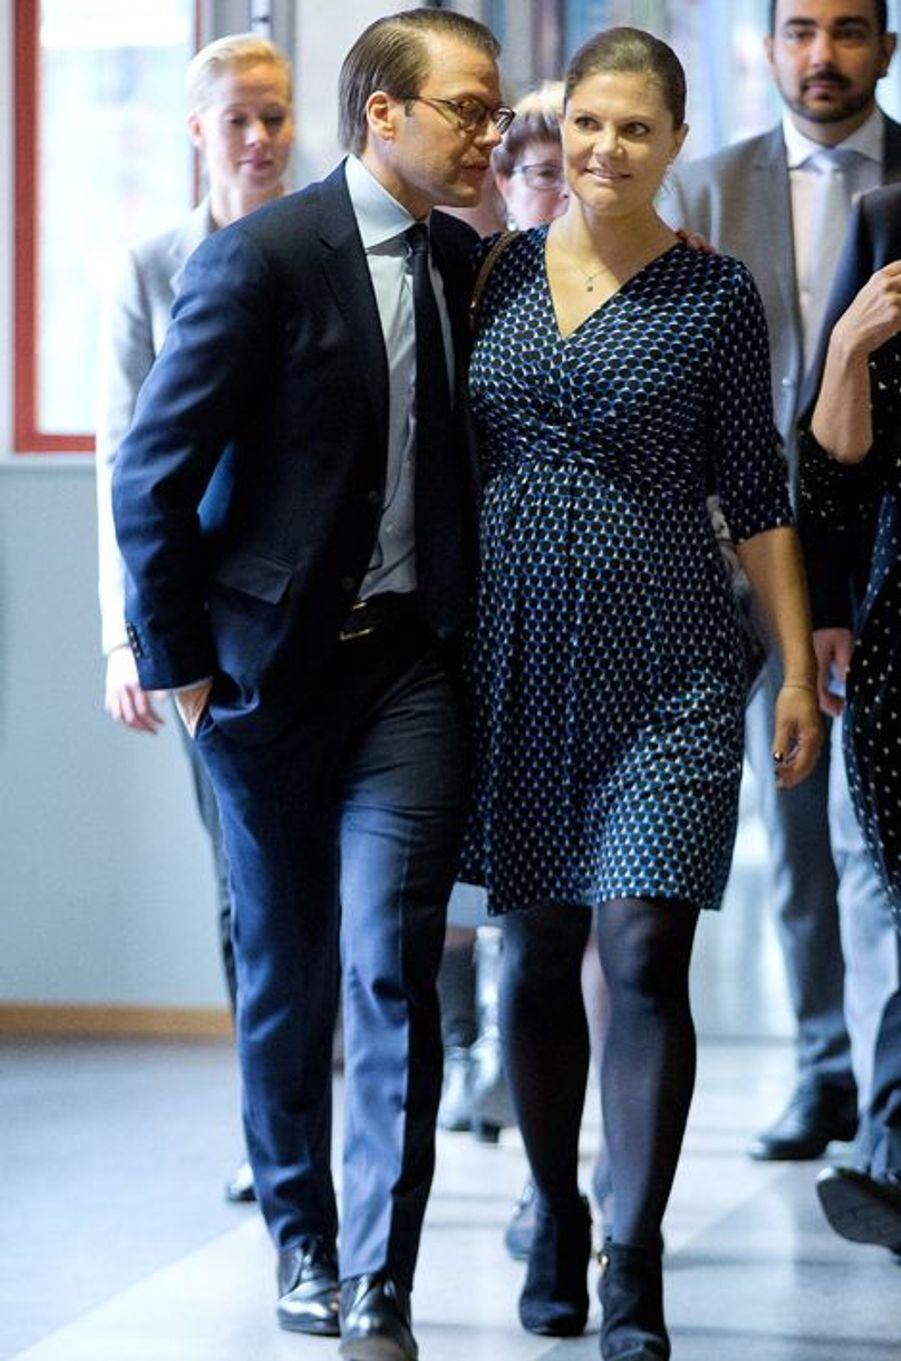 La princesse héritière Victoria de Suède, enceinte de son deuxième enfant, était ce mercredi 18 novembre en visite dans le Värmland pour un programme sur le thème de la migration et de l'intégration. Et c'est un prince Daniel plus attentionné que jamais qui l'accompagnait.Chaque dimanche, le Royal Blog de Paris Match vous propose de voir ou revoir les plus belles photographies de la semaine royale.